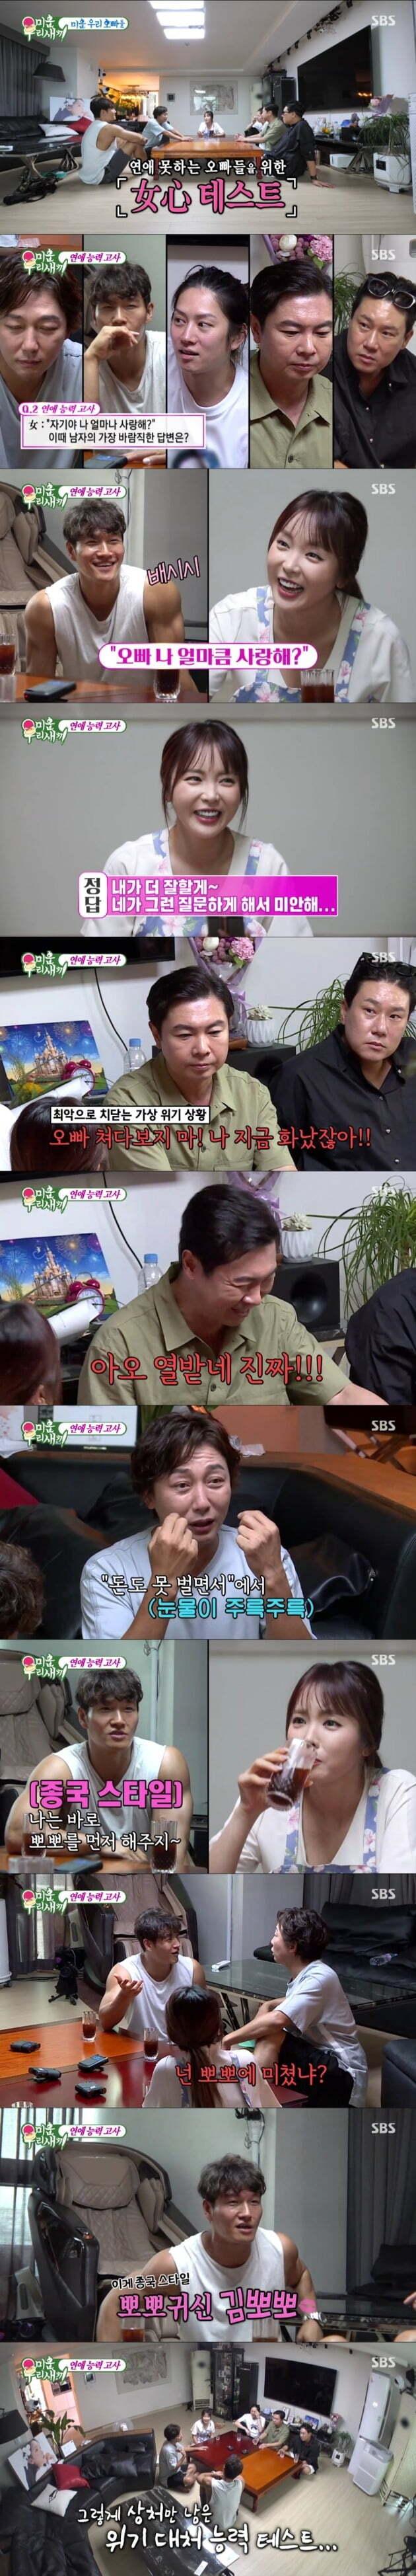 '미운 우리 새끼' 방송 화면./사지제공=SBS